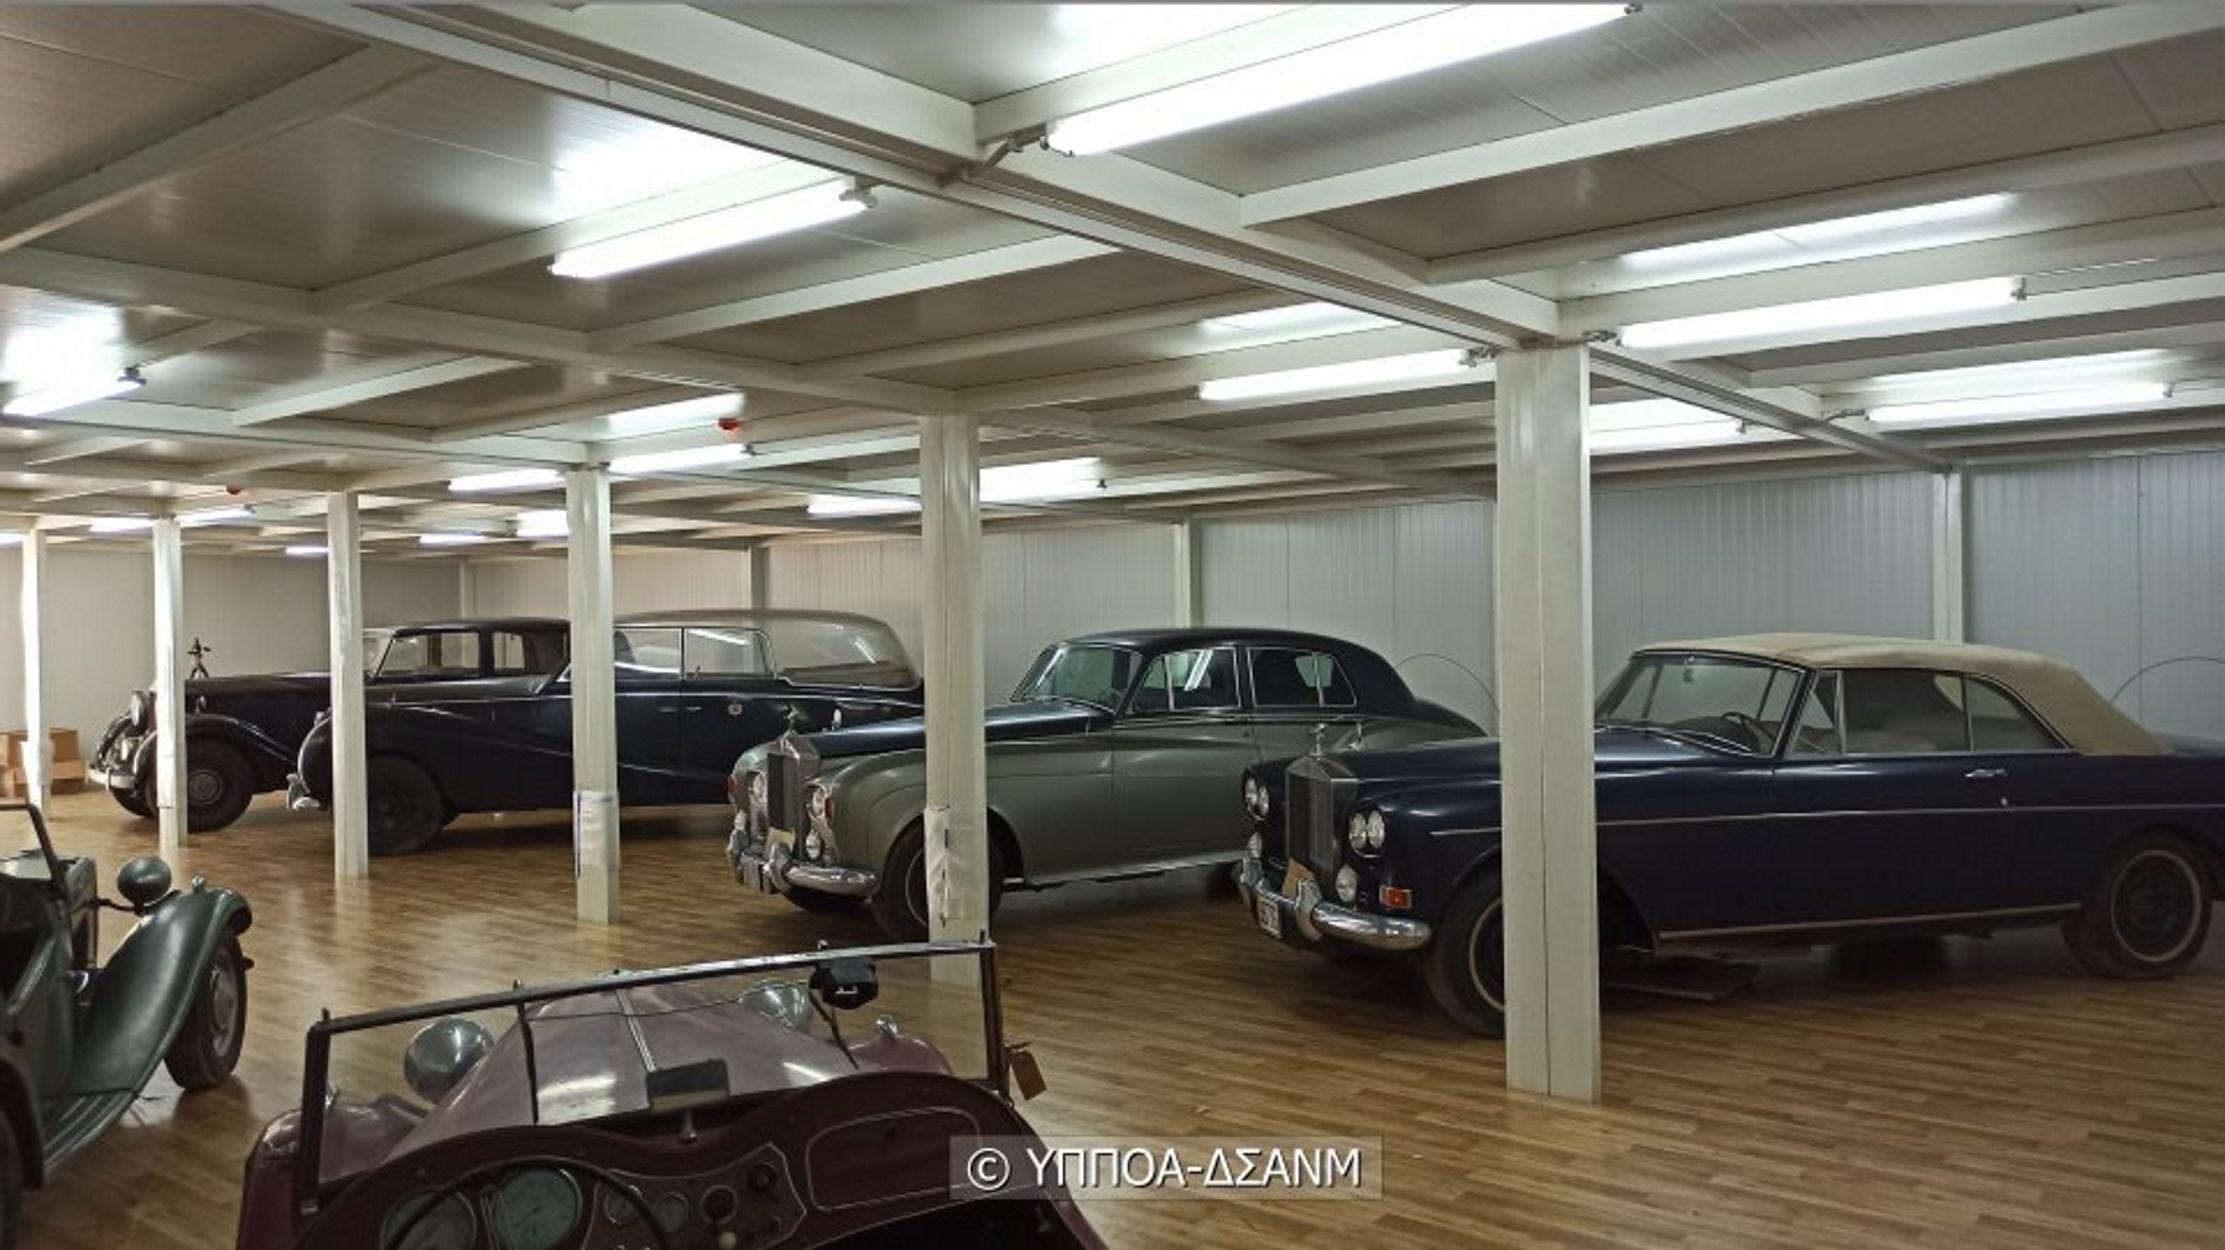 Ξαναζωντανεύουν τα οχήματα της τέως βασιλικής οικογένειας (pics, video)